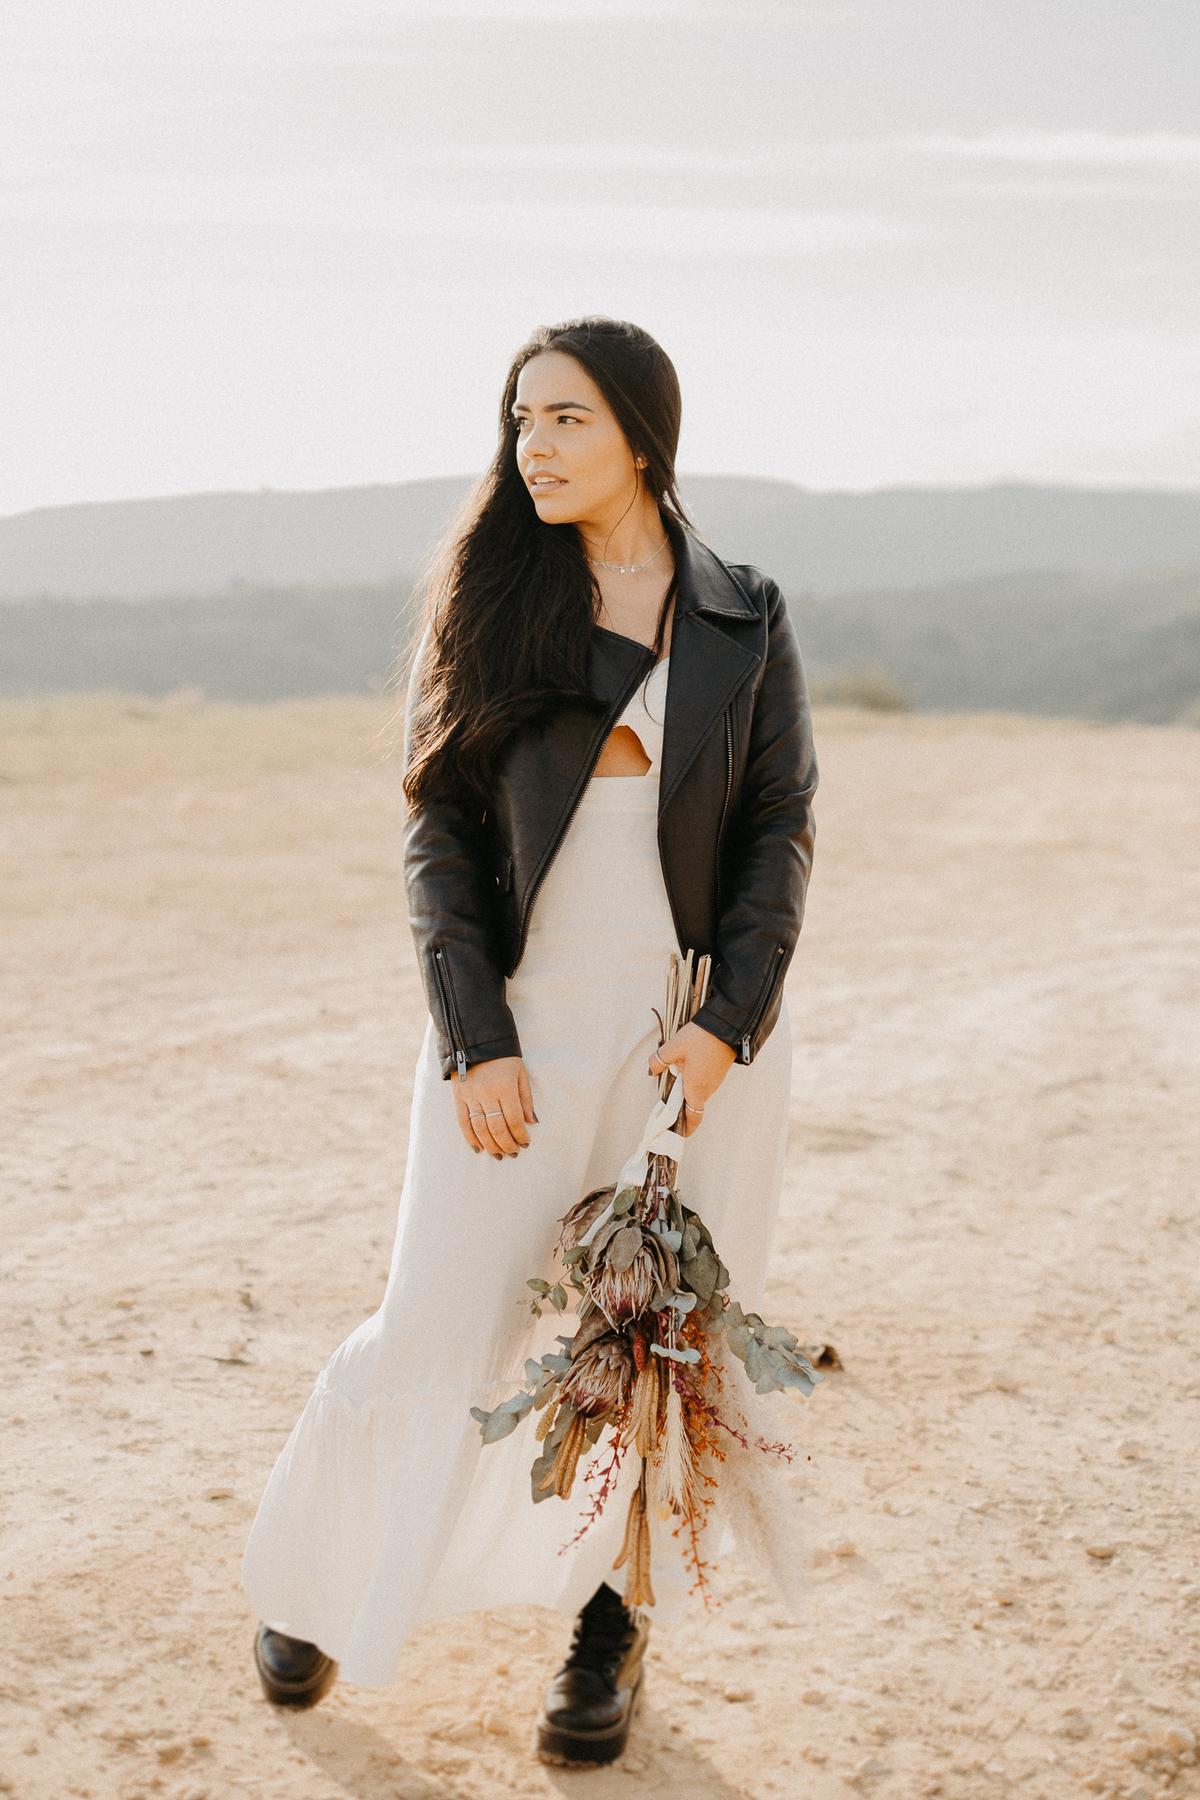 vestido de noiva buque desconstruido casamentos no campo cerimonia intimista fotografos autenticos  noivas 2022 pirapora do bom jesus morro do capuava